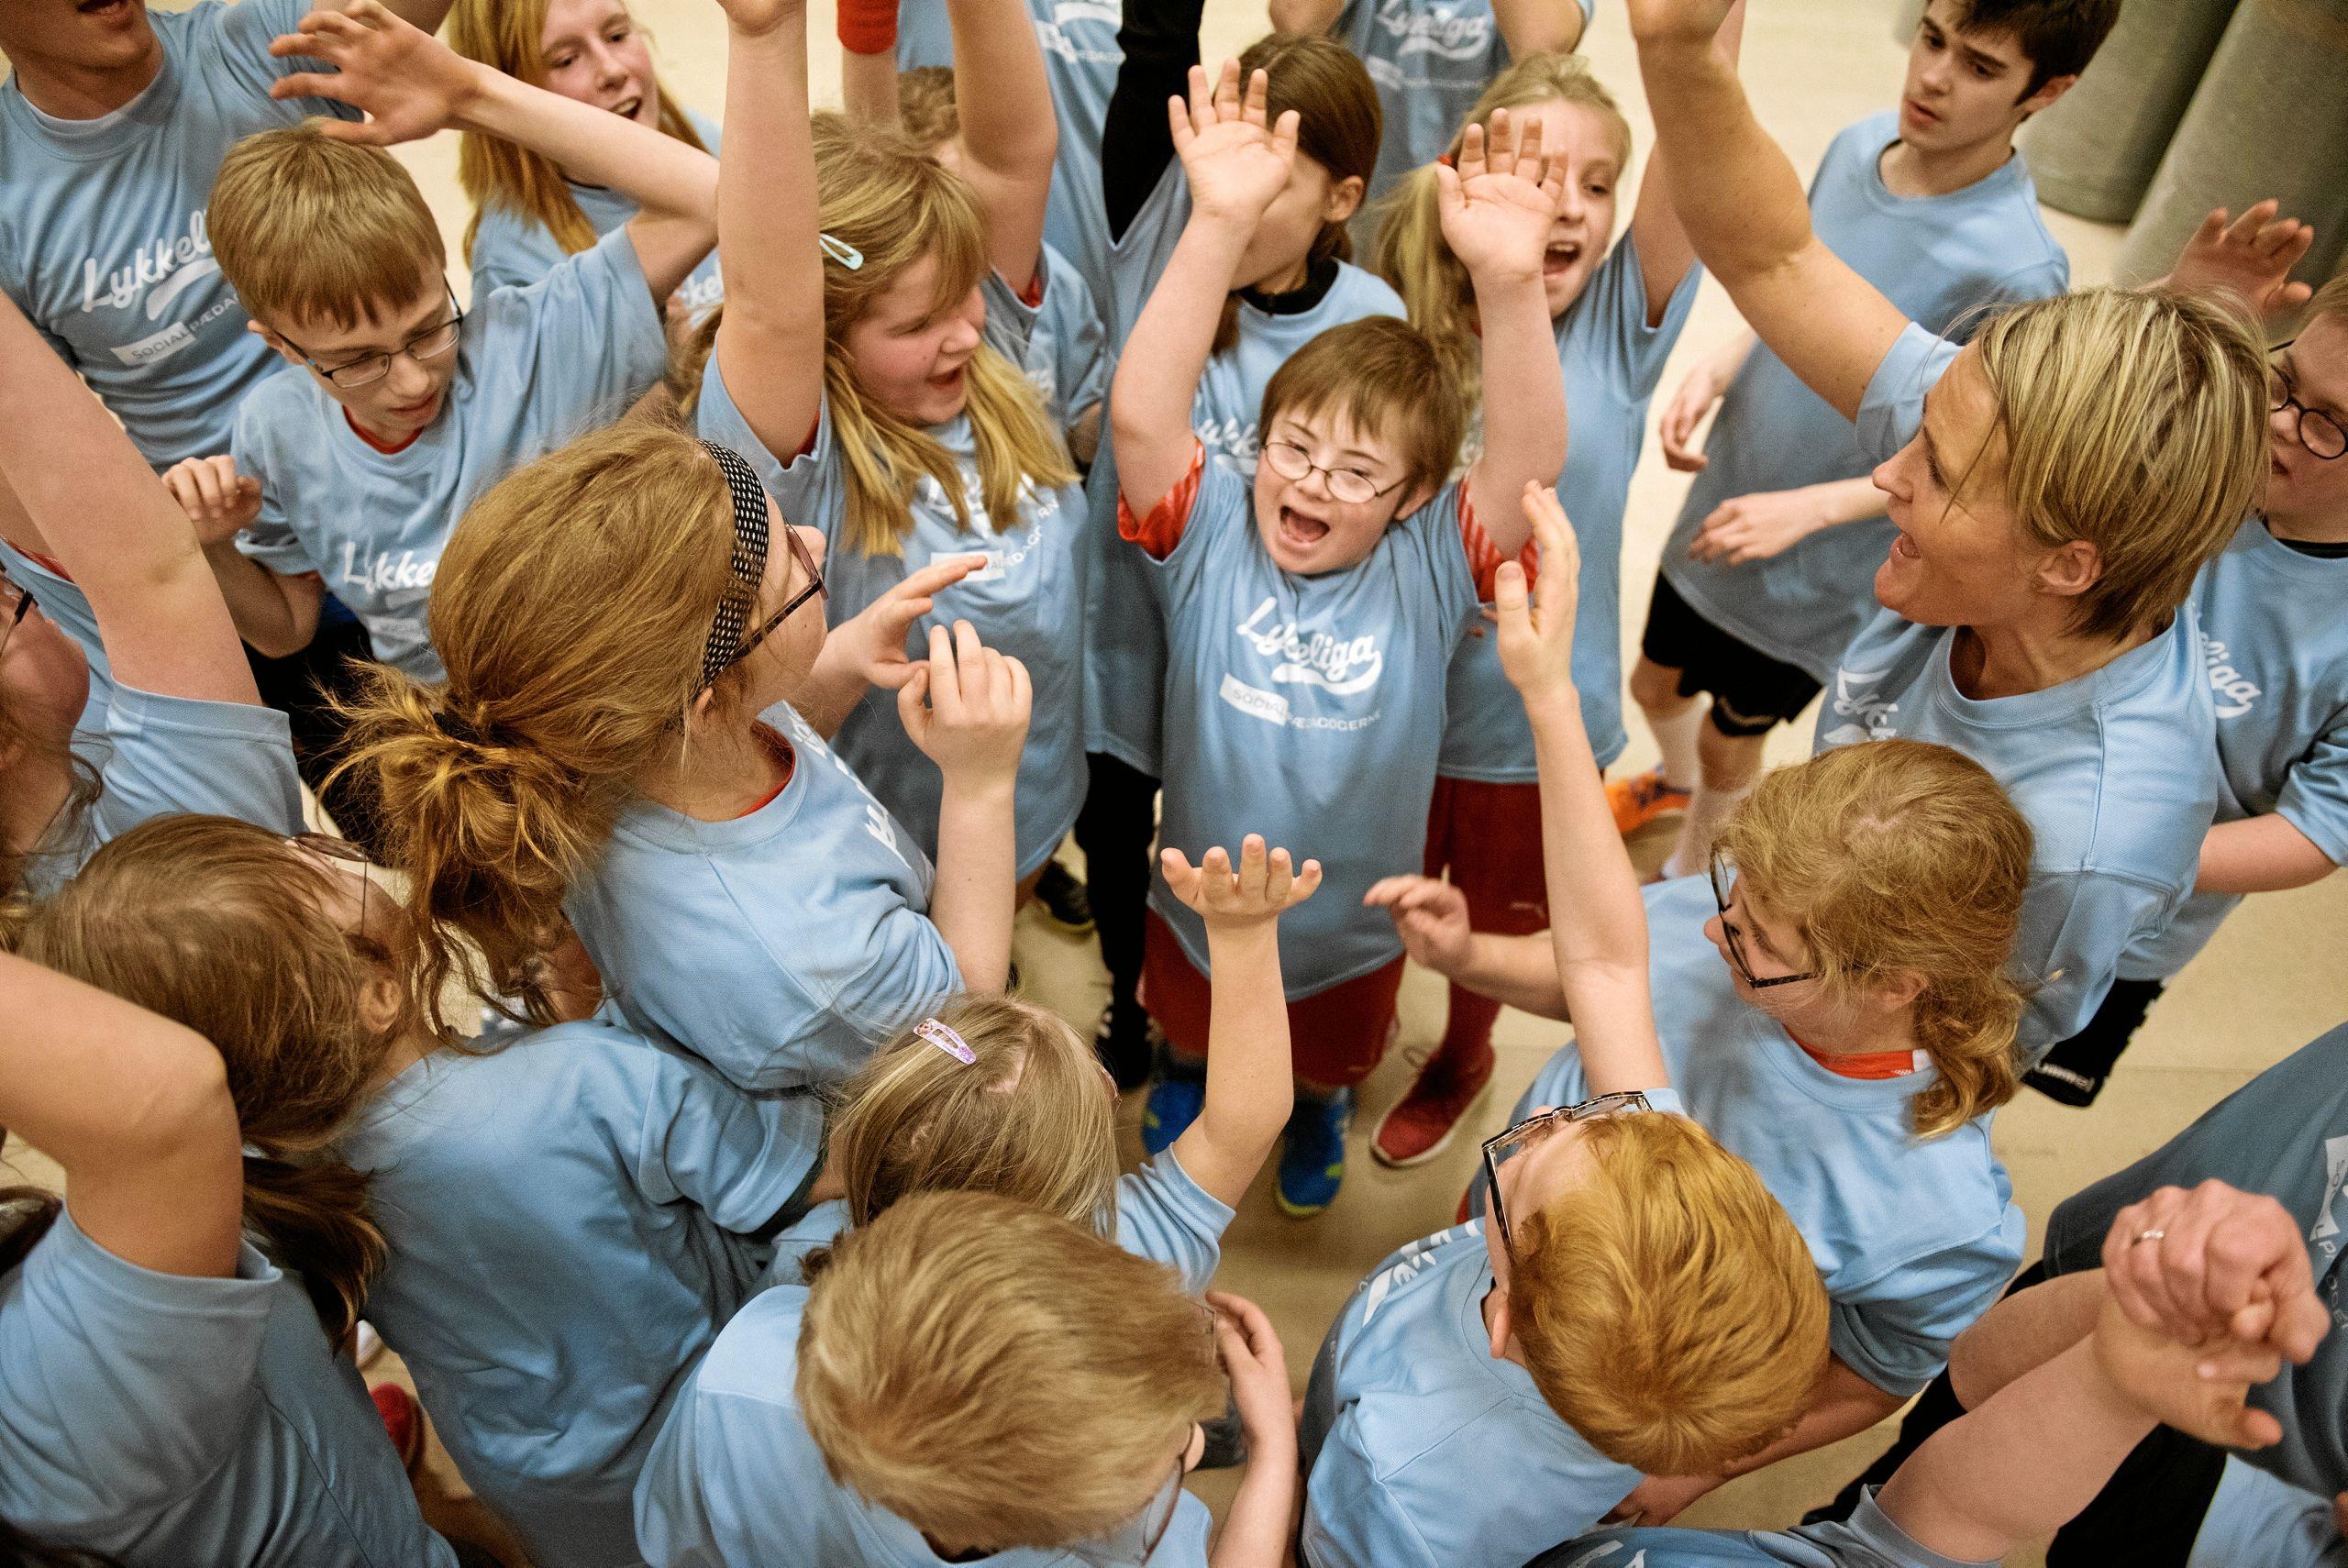 LykkeLiga er håndbold for handicappede børn og unge. På få år har Rikke Nielsen formået at få konceptet bredt ud, så 34 klubber i Danmark plus Grønland og Færøerne nu også er med. Arkivfoto: Tao Lytzen